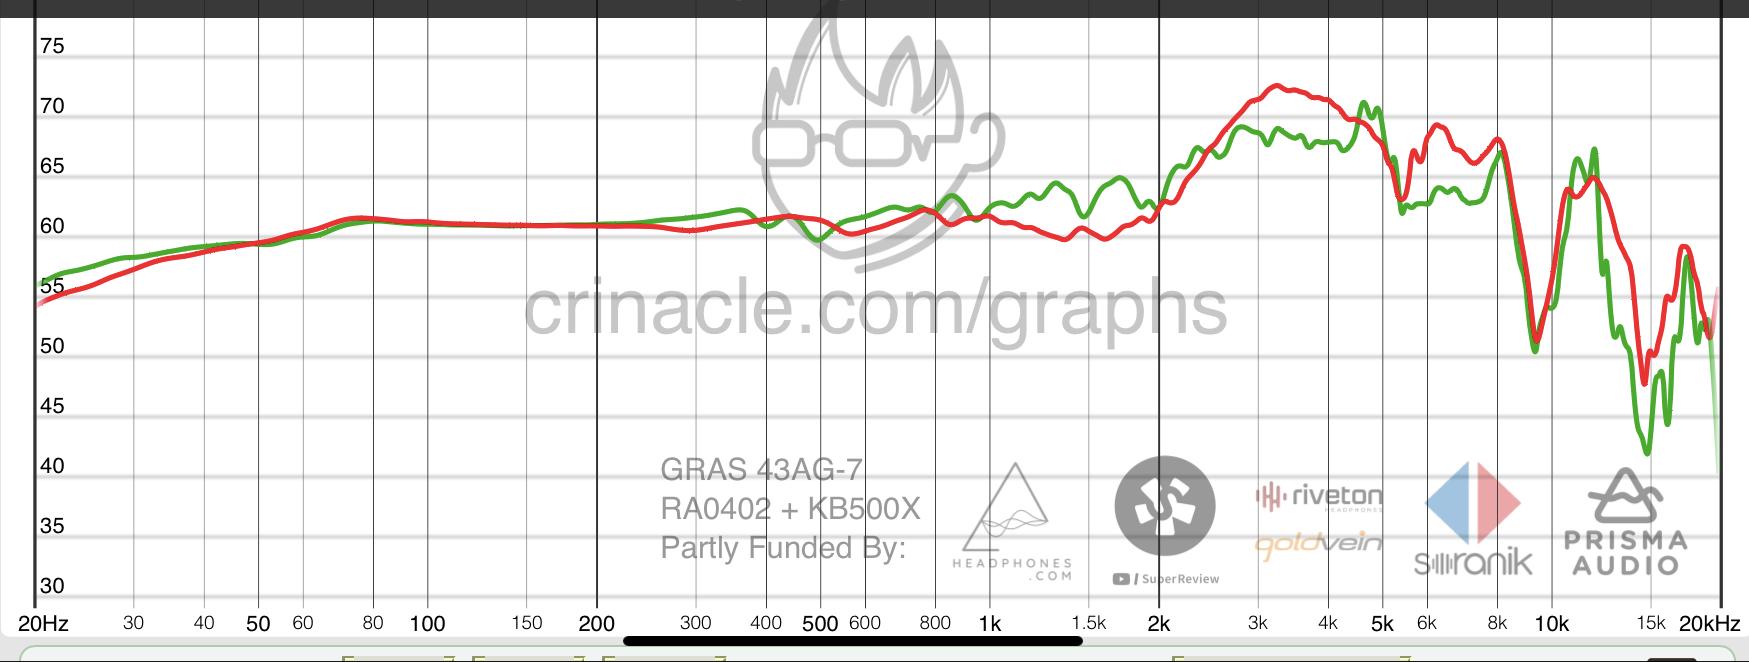 488AD3D0-DA61-4C4C-AC27-DA12A39931B4.jpeg